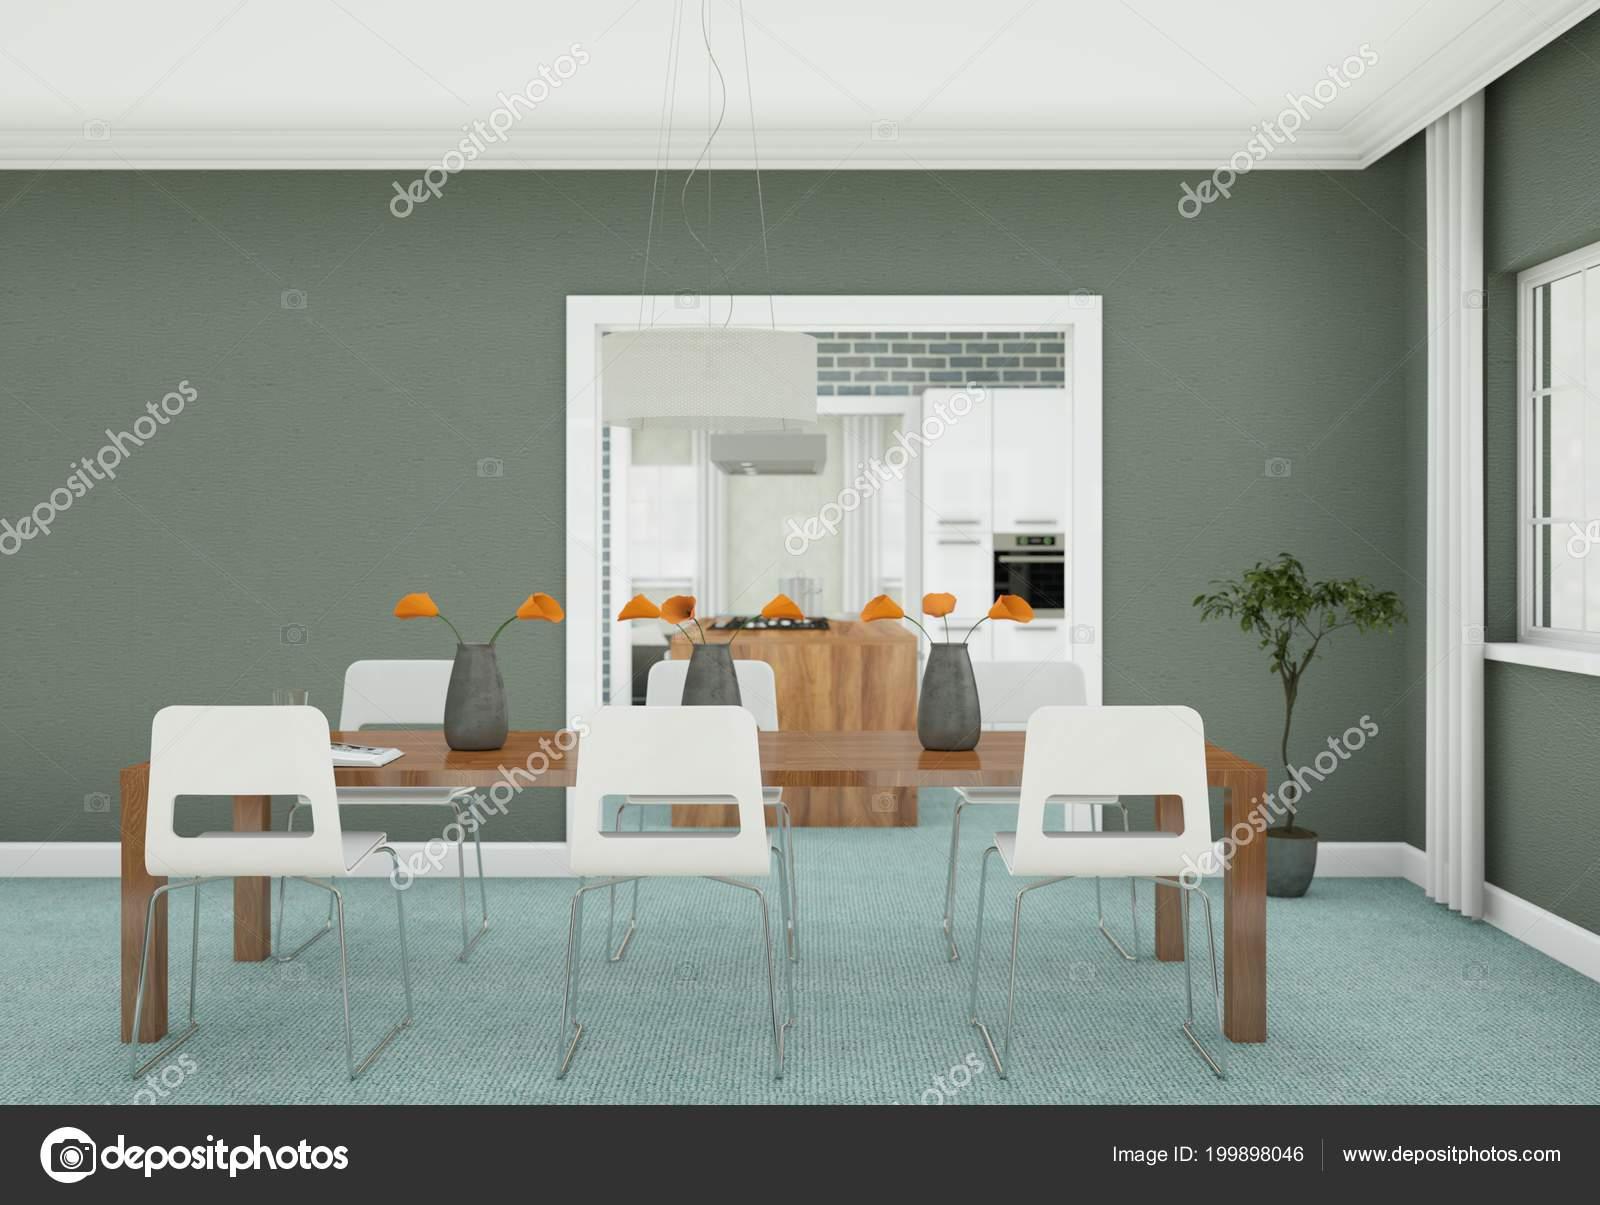 Sala comedor interiores | Diseño de interiores sala comedor en ...